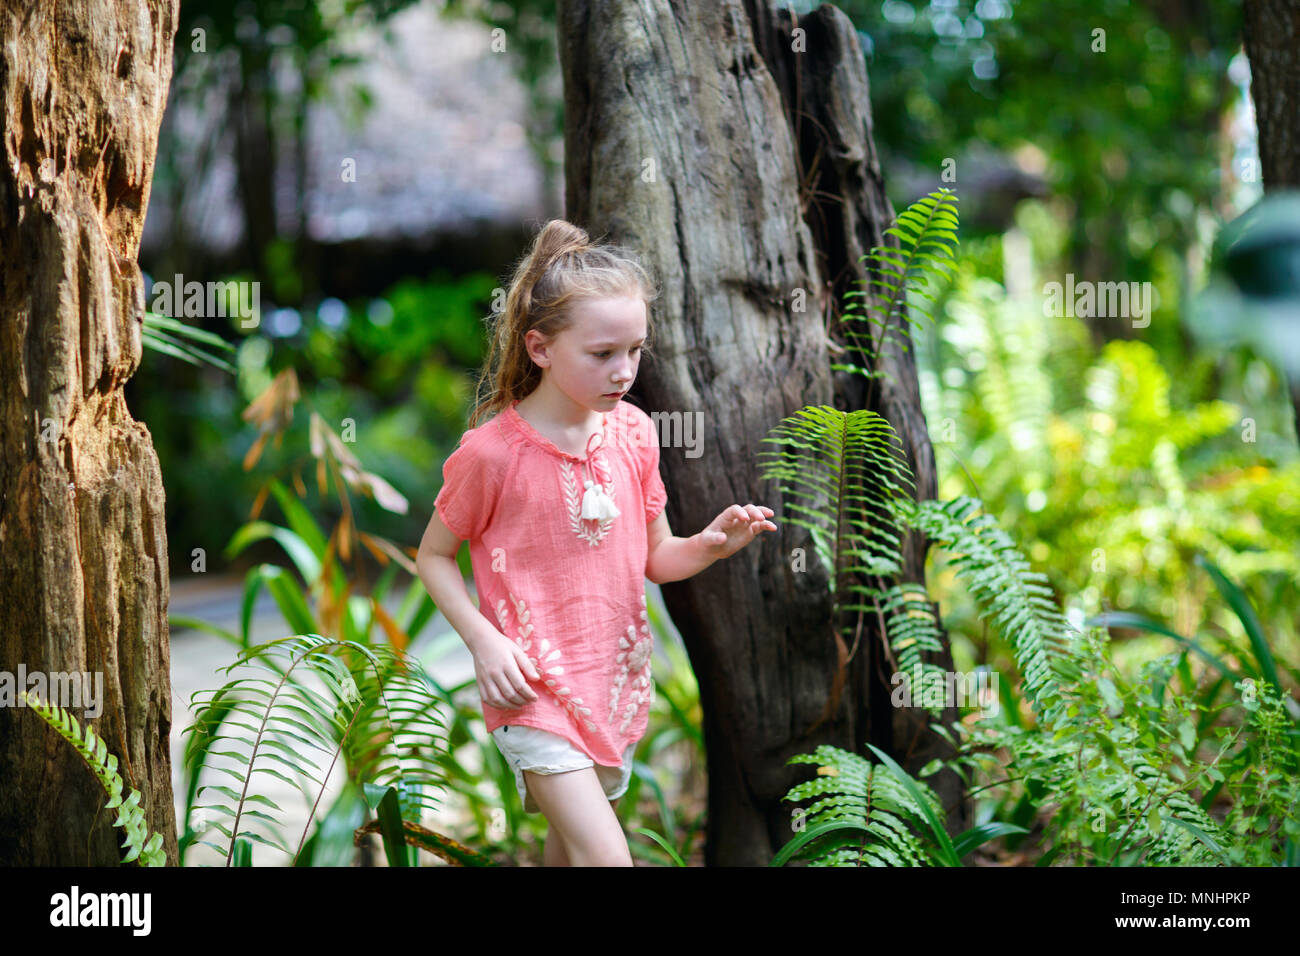 Casual ritratto di bambina all'aperto sul giorno di estate Foto Stock